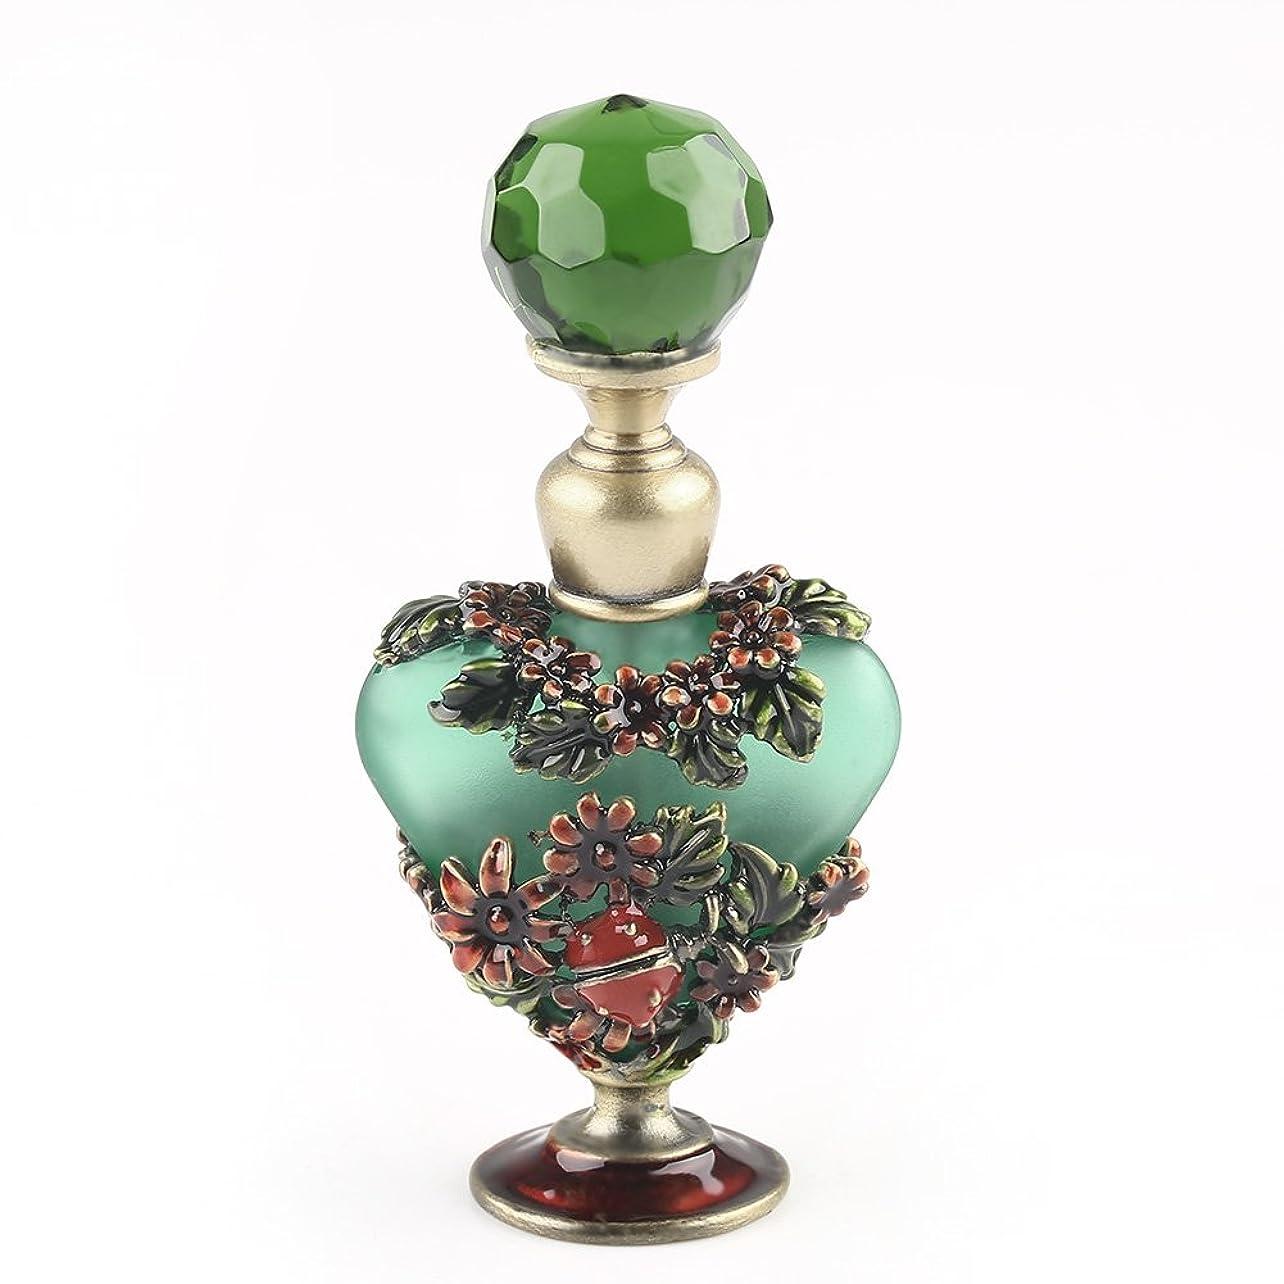 ちょうつがい葉っぱセントVERY100 高品質 美しい香水瓶/アロマボトル 5ML アロマオイル用瓶 綺麗アンティーク調 フラワーデザイン プレゼント 結婚式 飾り 70292